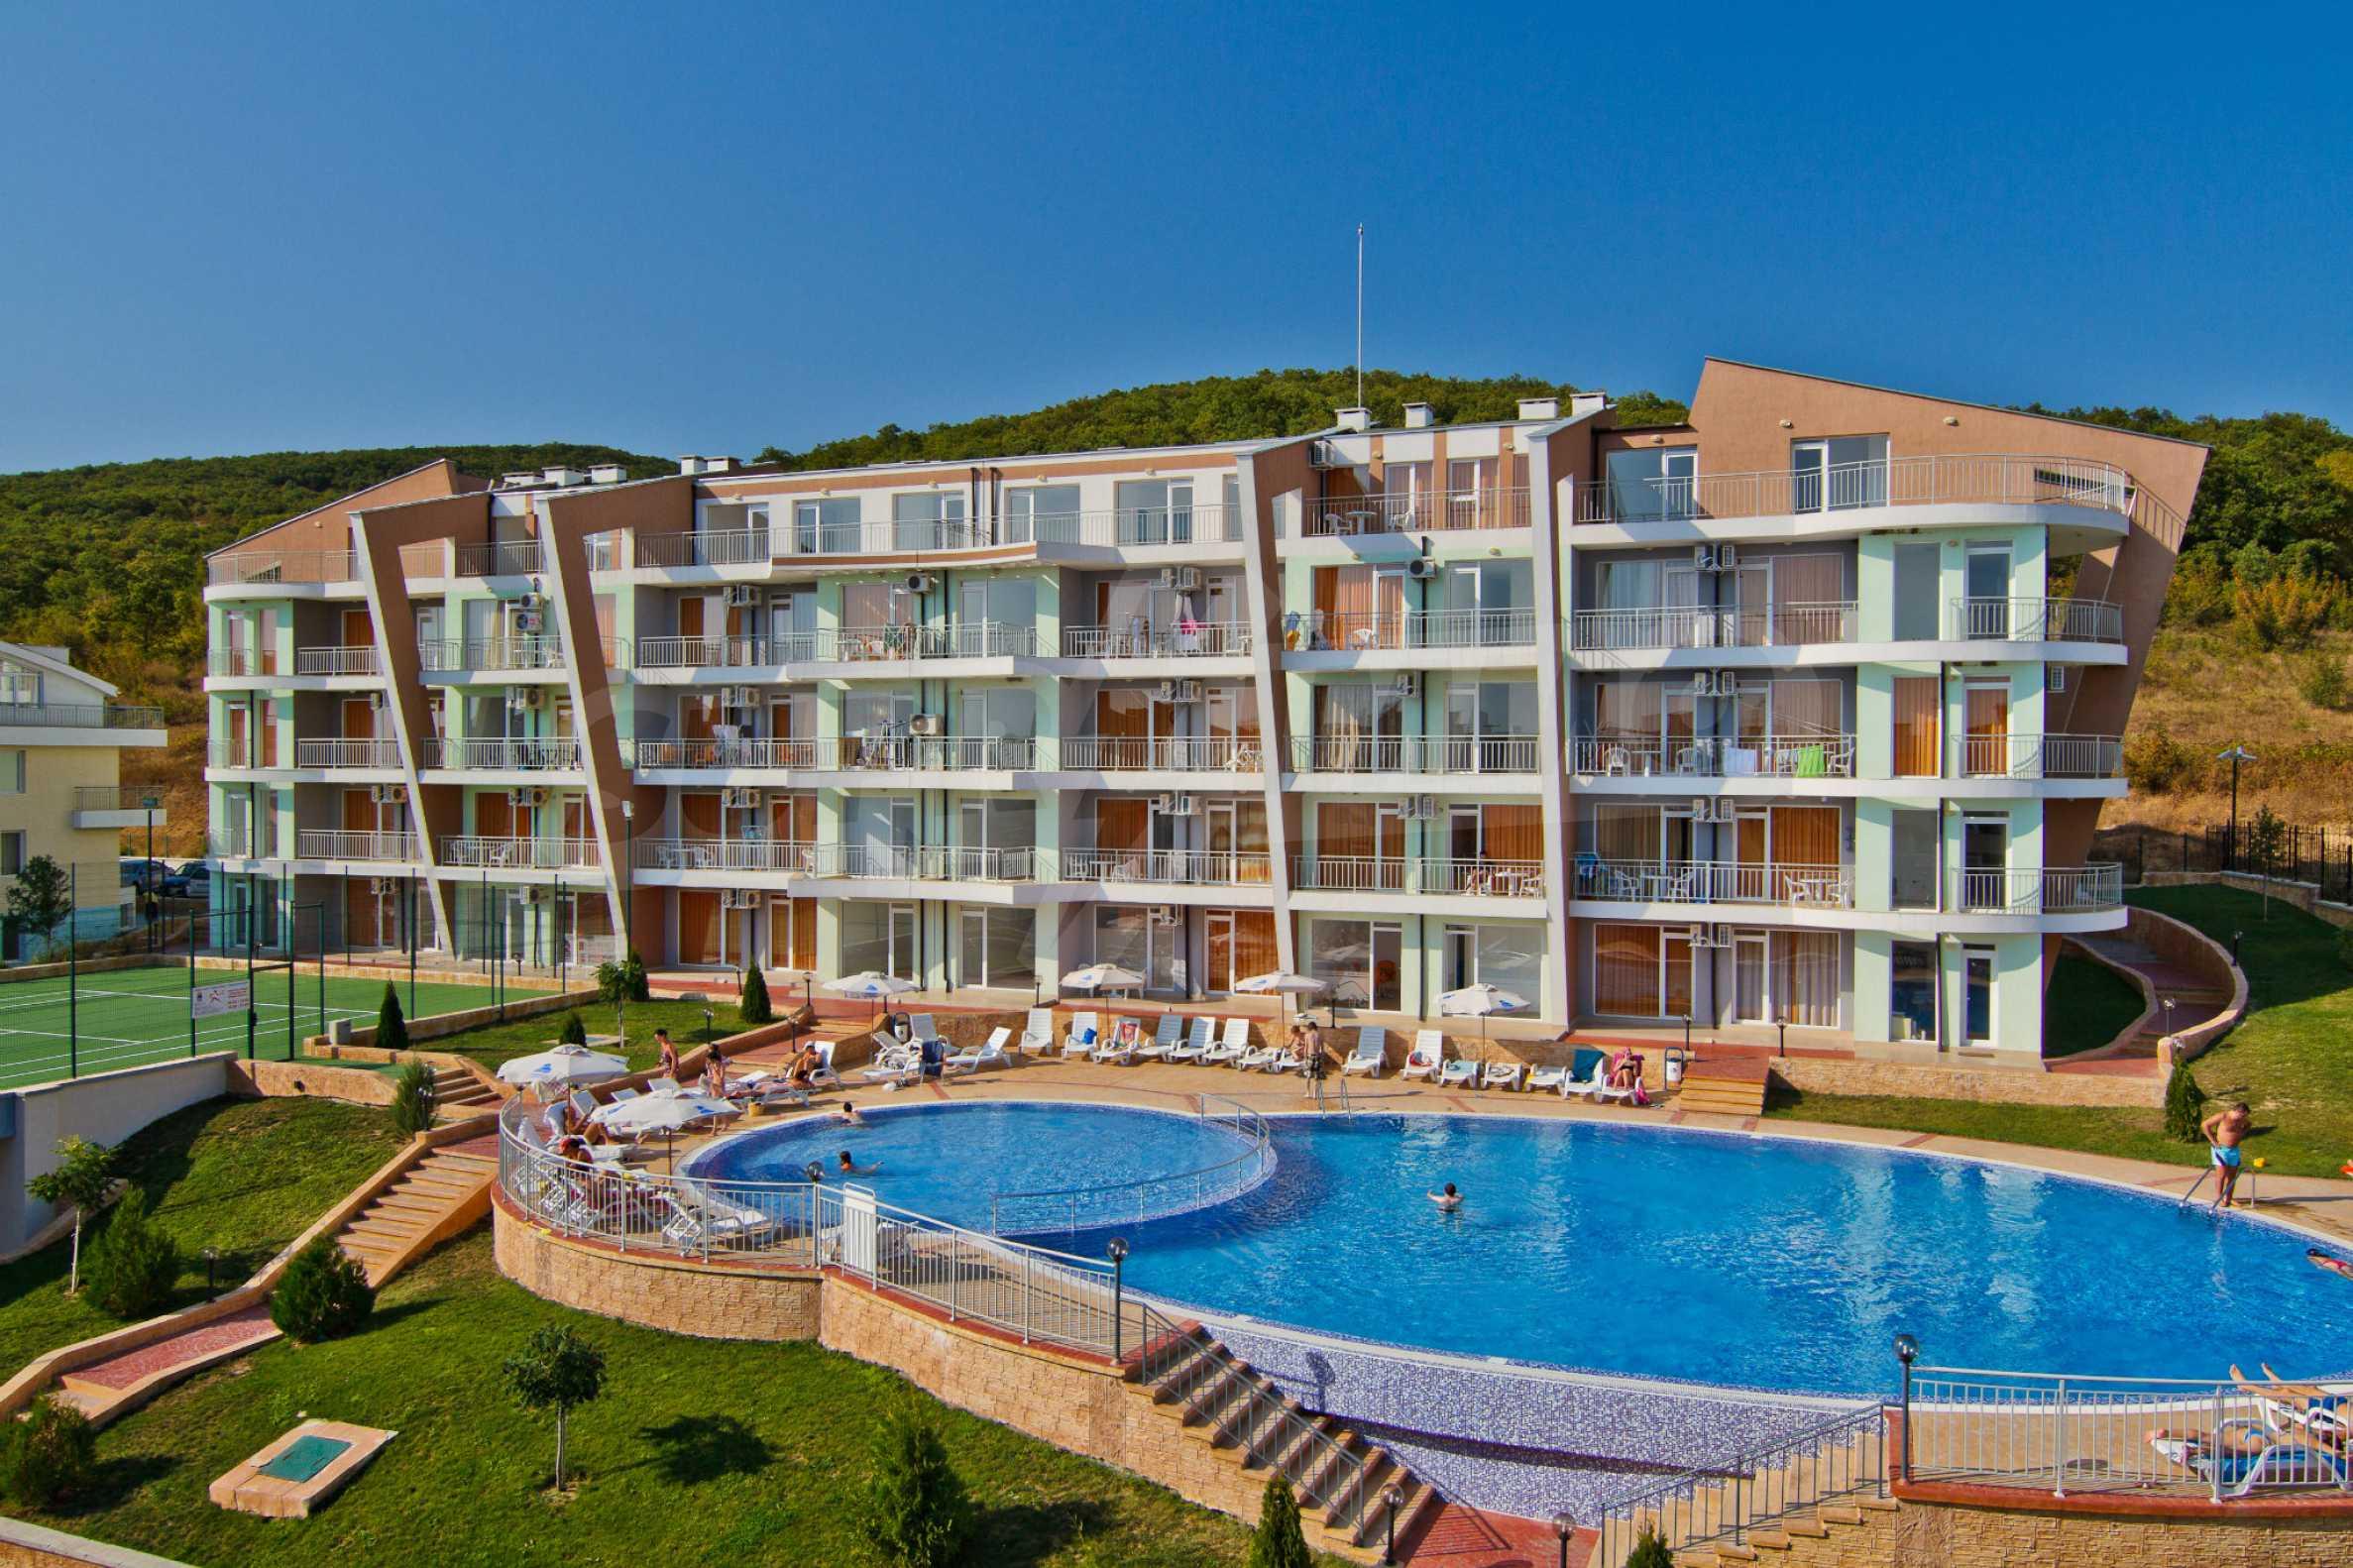 Sunset Kosharitsa - Apartments in einem attraktiven Berg- und Seekomplex, 5 Autominuten vom Sonnenstrand entfernt 1